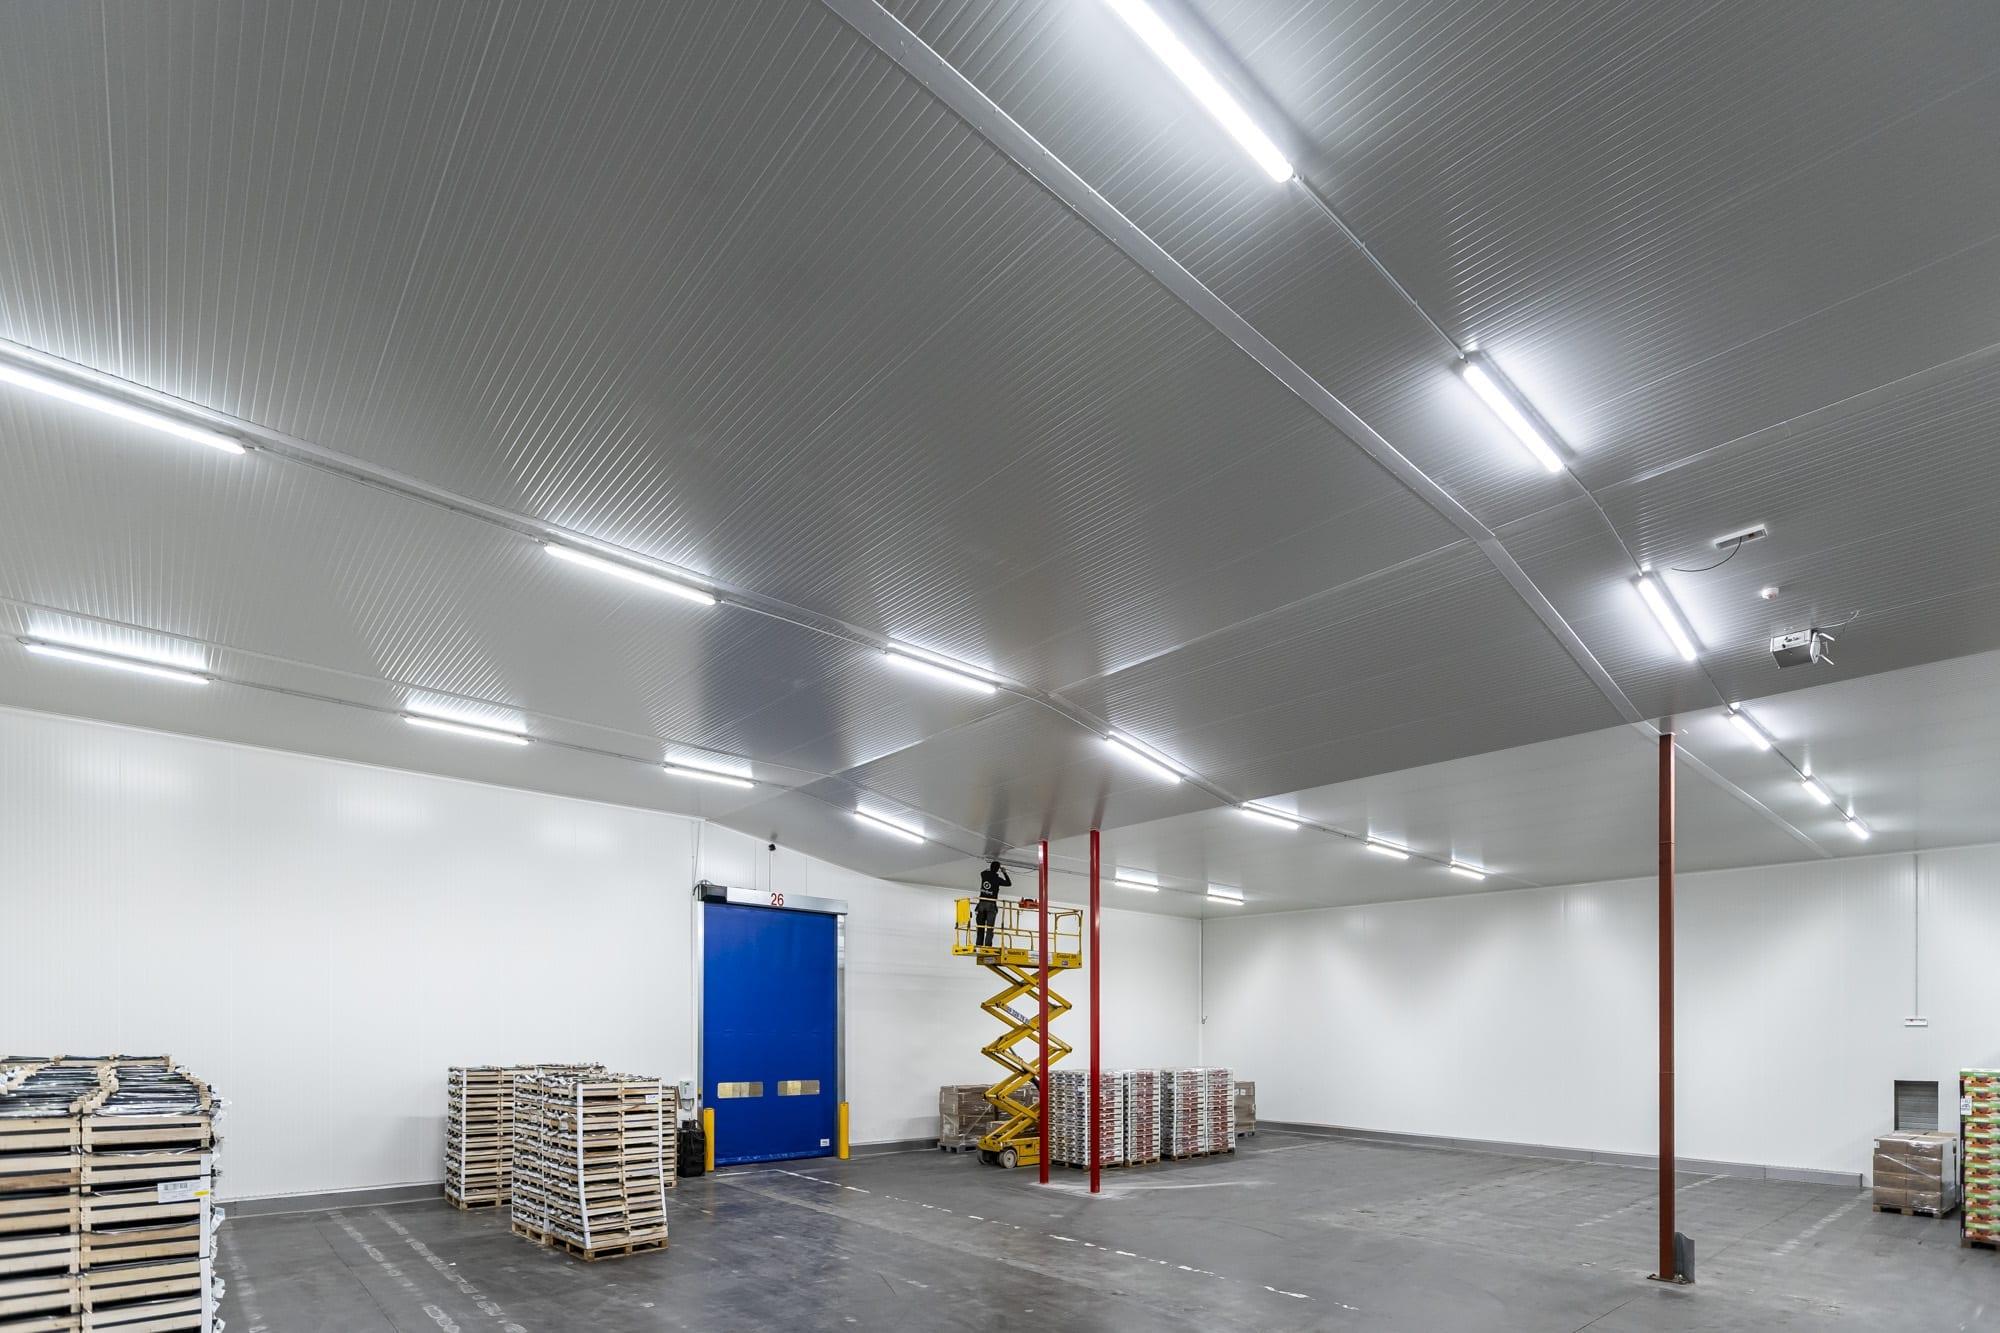 Installatie van LED verlichting in Zulte